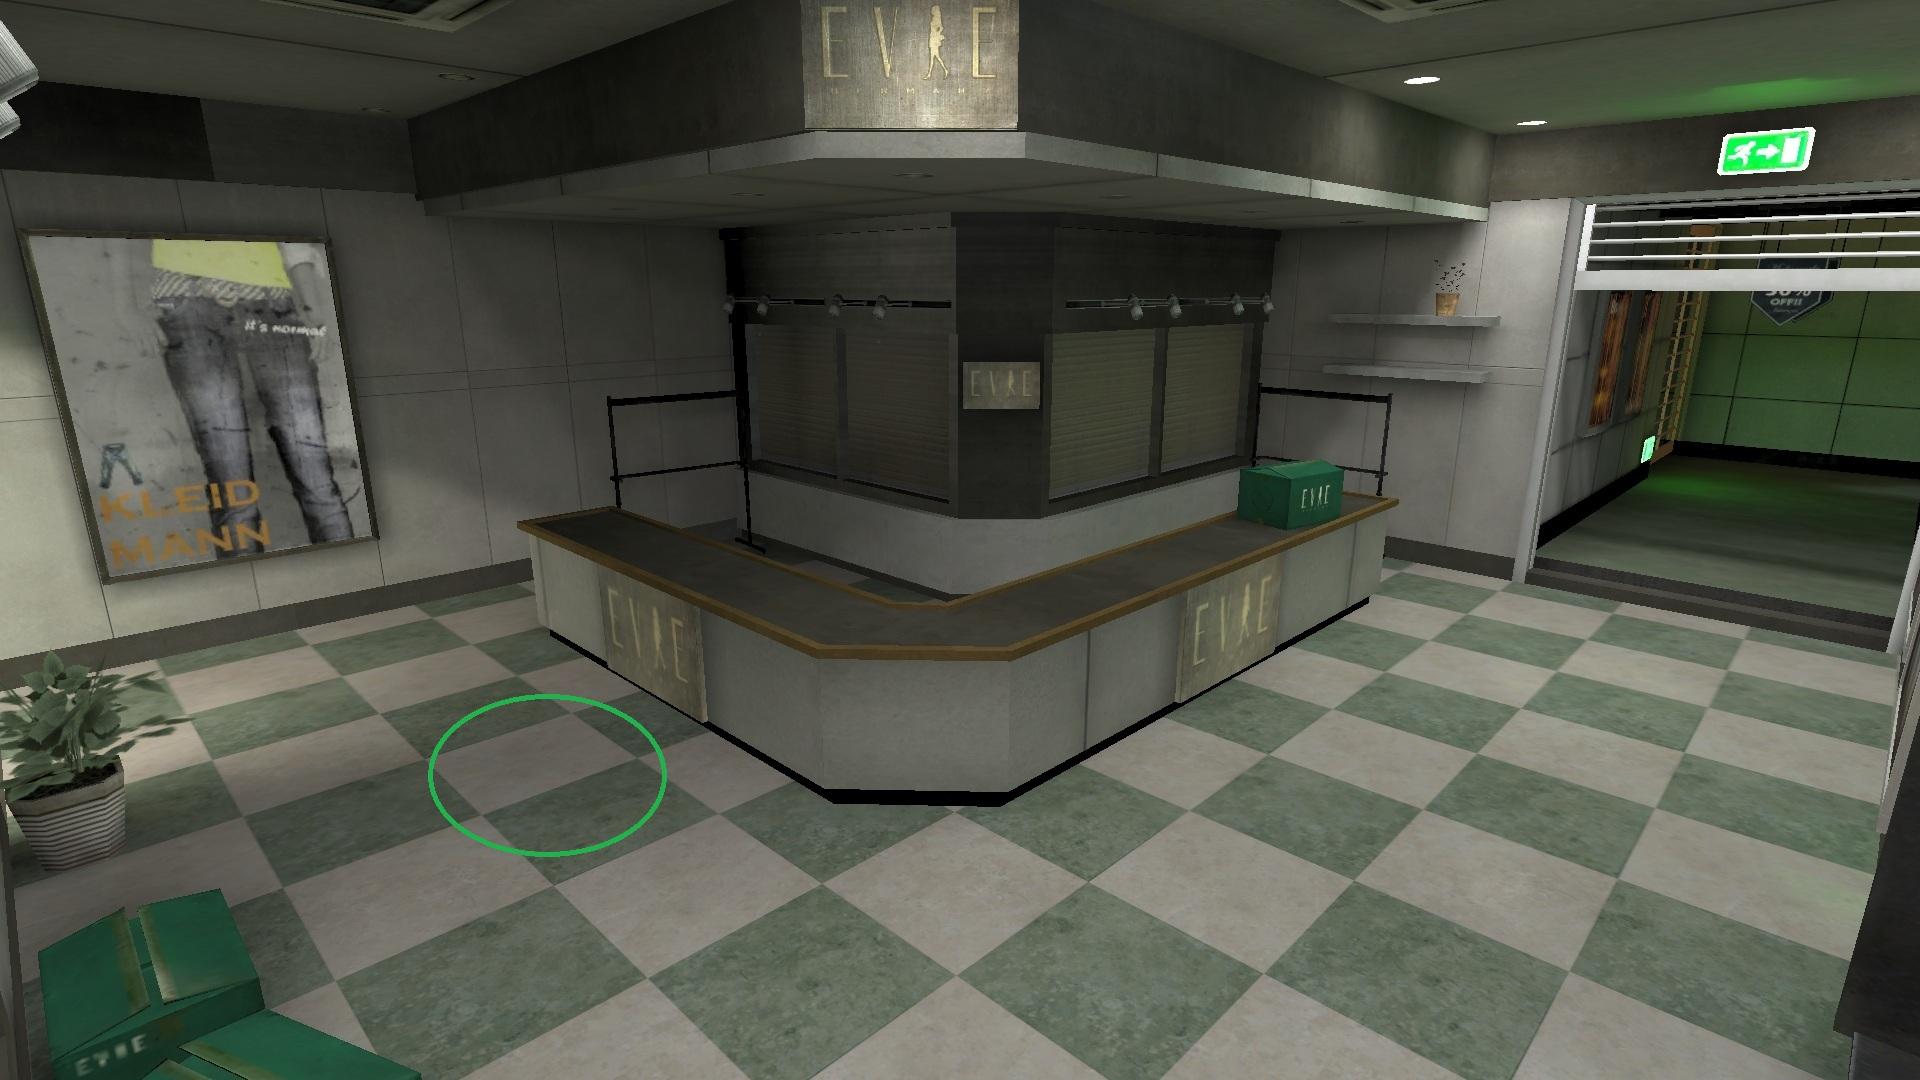 緑の円マーク